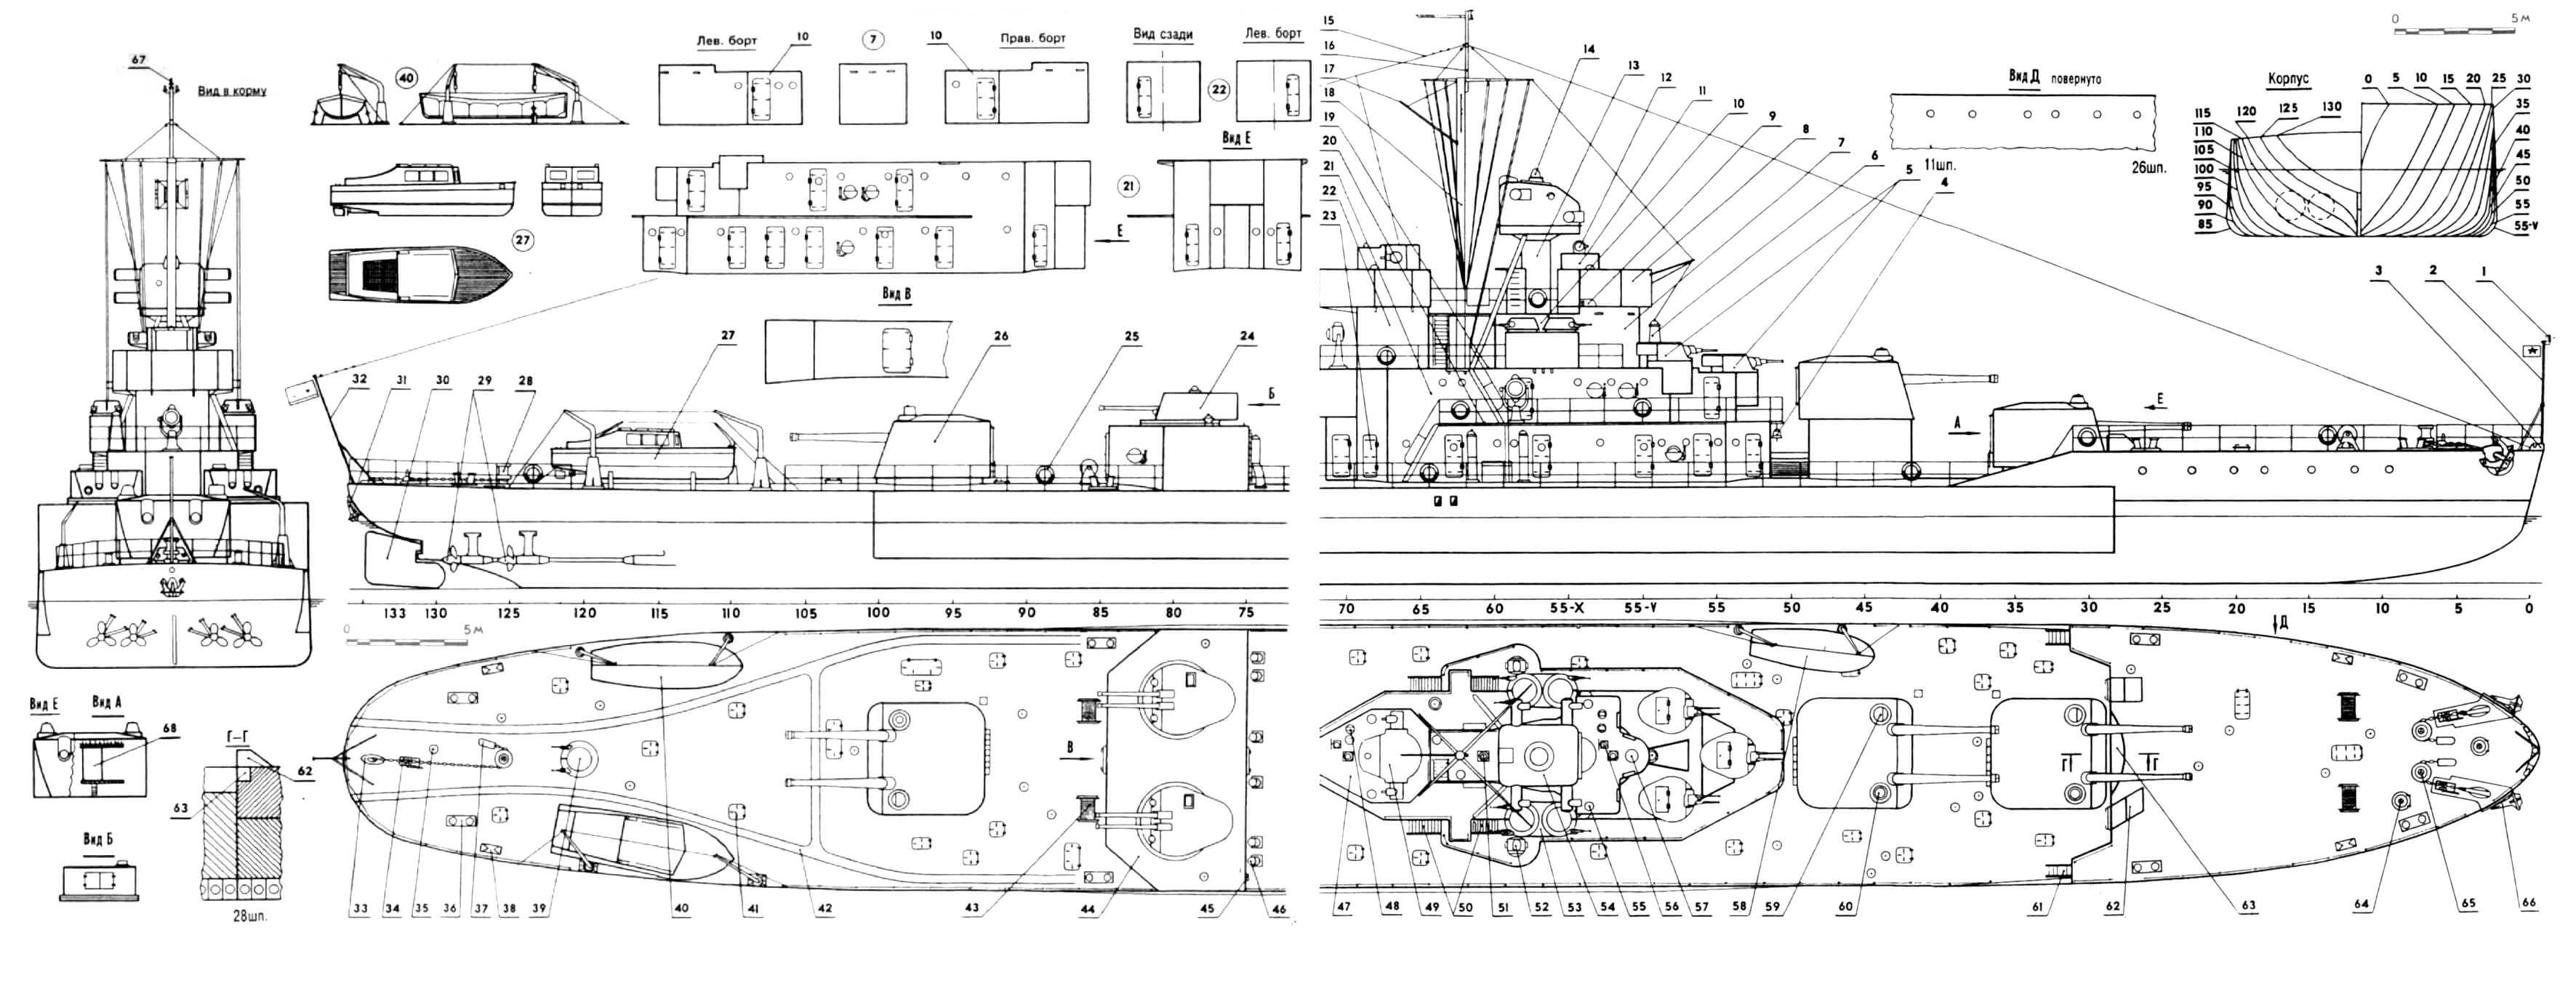 Тяжелый монитор «ХАСАН»: 1 — топовый огонь, 2 — гюйсшток, 3 — носовой кип, 4 — рында, 5 — башни 41-К, 6 — антенный ввод, 7 — боевая рубка, 8 — верхний мостик, 9 — бортовой отличительный огонь, 10 — штурманская рубка, 11 — плошадка дальномера, 12 — дальномер ДМ-1,5, 13 — основание КДП, 14 — колпак визира КДП, 15 — антенна, 16 — стеньга, 17 — гафель, 18 — мачта, 19 — второй ярус средней надстройки, 20 — первый ярус средней надстройки, 21 — средняя надстройка, 22 — отсек приборов ЗАС, 23 — дверь, 24 — башня 39-К, 25 — спасательный круг, 26 — башня Б-28, 27 — моторный катер, 28 — шпиль кормовой, 29 — винты, 30 — руль, 31 — кормовой якорь, 32 — флагшток, 33 — клюз, 34 — стопор Легофта, 35 — вентиляционный грибок, 36 — кнехт, 37 — клюз цепного ящика, 38 — киповая планка, 39 — пулеметная башня ДШКМ-2Б, 40 — шестивесельный ял, 41 — палубный люк, 42 — минные рельсы, 43 — вьюшка, 44 — кормовая надстройка, 45 — скоб-трап, 46 — вентилятор дизельного отсека, 47 — кормовой мостик, 48 — машинный телеграф, 49 — СВП-29, 50 — трапы, 51 — компас, 52 — прожектор МПЭ 6,02, 53 — каземат ДШКМ-2Б, 54 — КДП Б-43-2, 55 — пелорус, 56 — рулевая колонка, 57 — артиллерийский прибор, 58 — четырехвесельный ял, 59 — колпак визира, 60 — колпак прицела, 61 — трап полубака, 62 — сходы, 63 — выкружка полубака, 64 — горловина, 65 — носовой шпиль, 66 — носовой якорь, 67 — клотиковый огонь, 68 — сдвижная дверь, 69 — манипуляторы прожекторов. (В сечении «Г-Г» башня условно не показана.)